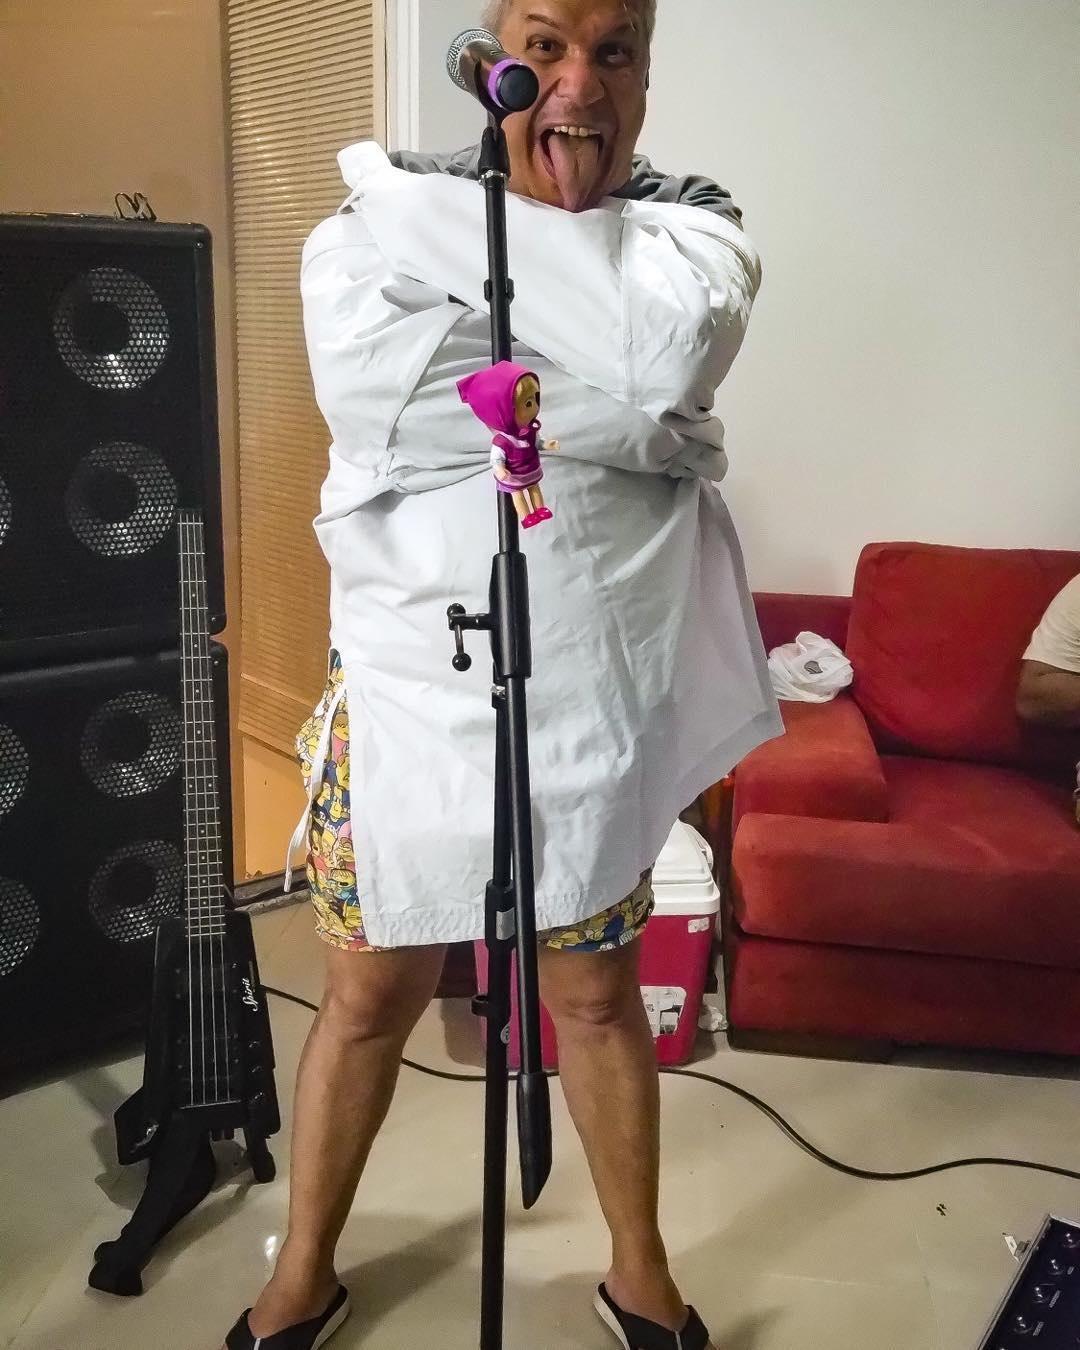 Sikêra Jr. em um clique com roupas hospitalares (Foto: reprodução/Instagram)